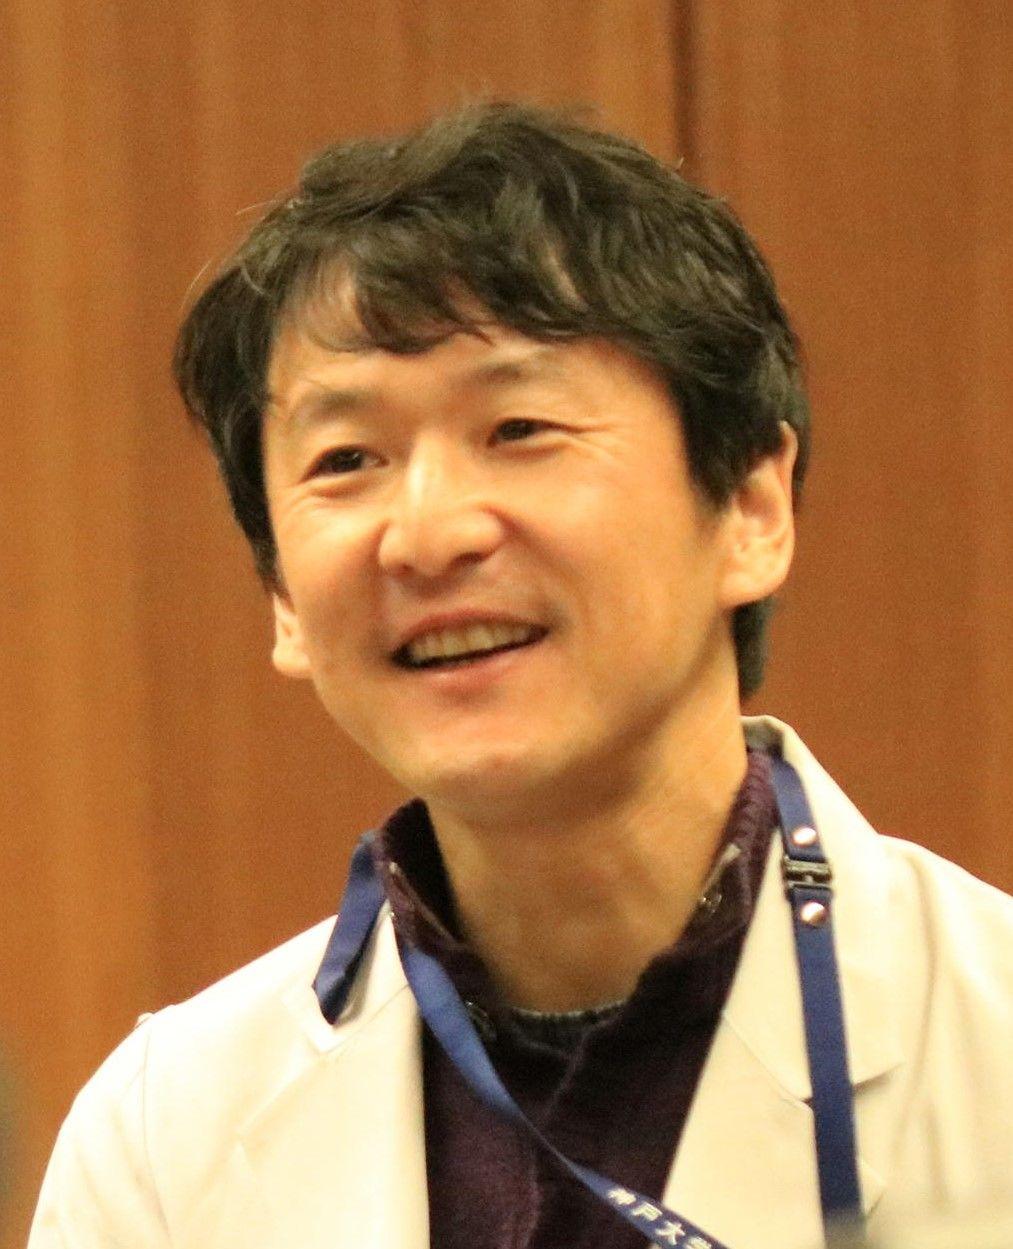 神戸 大学 岩田 健太郎